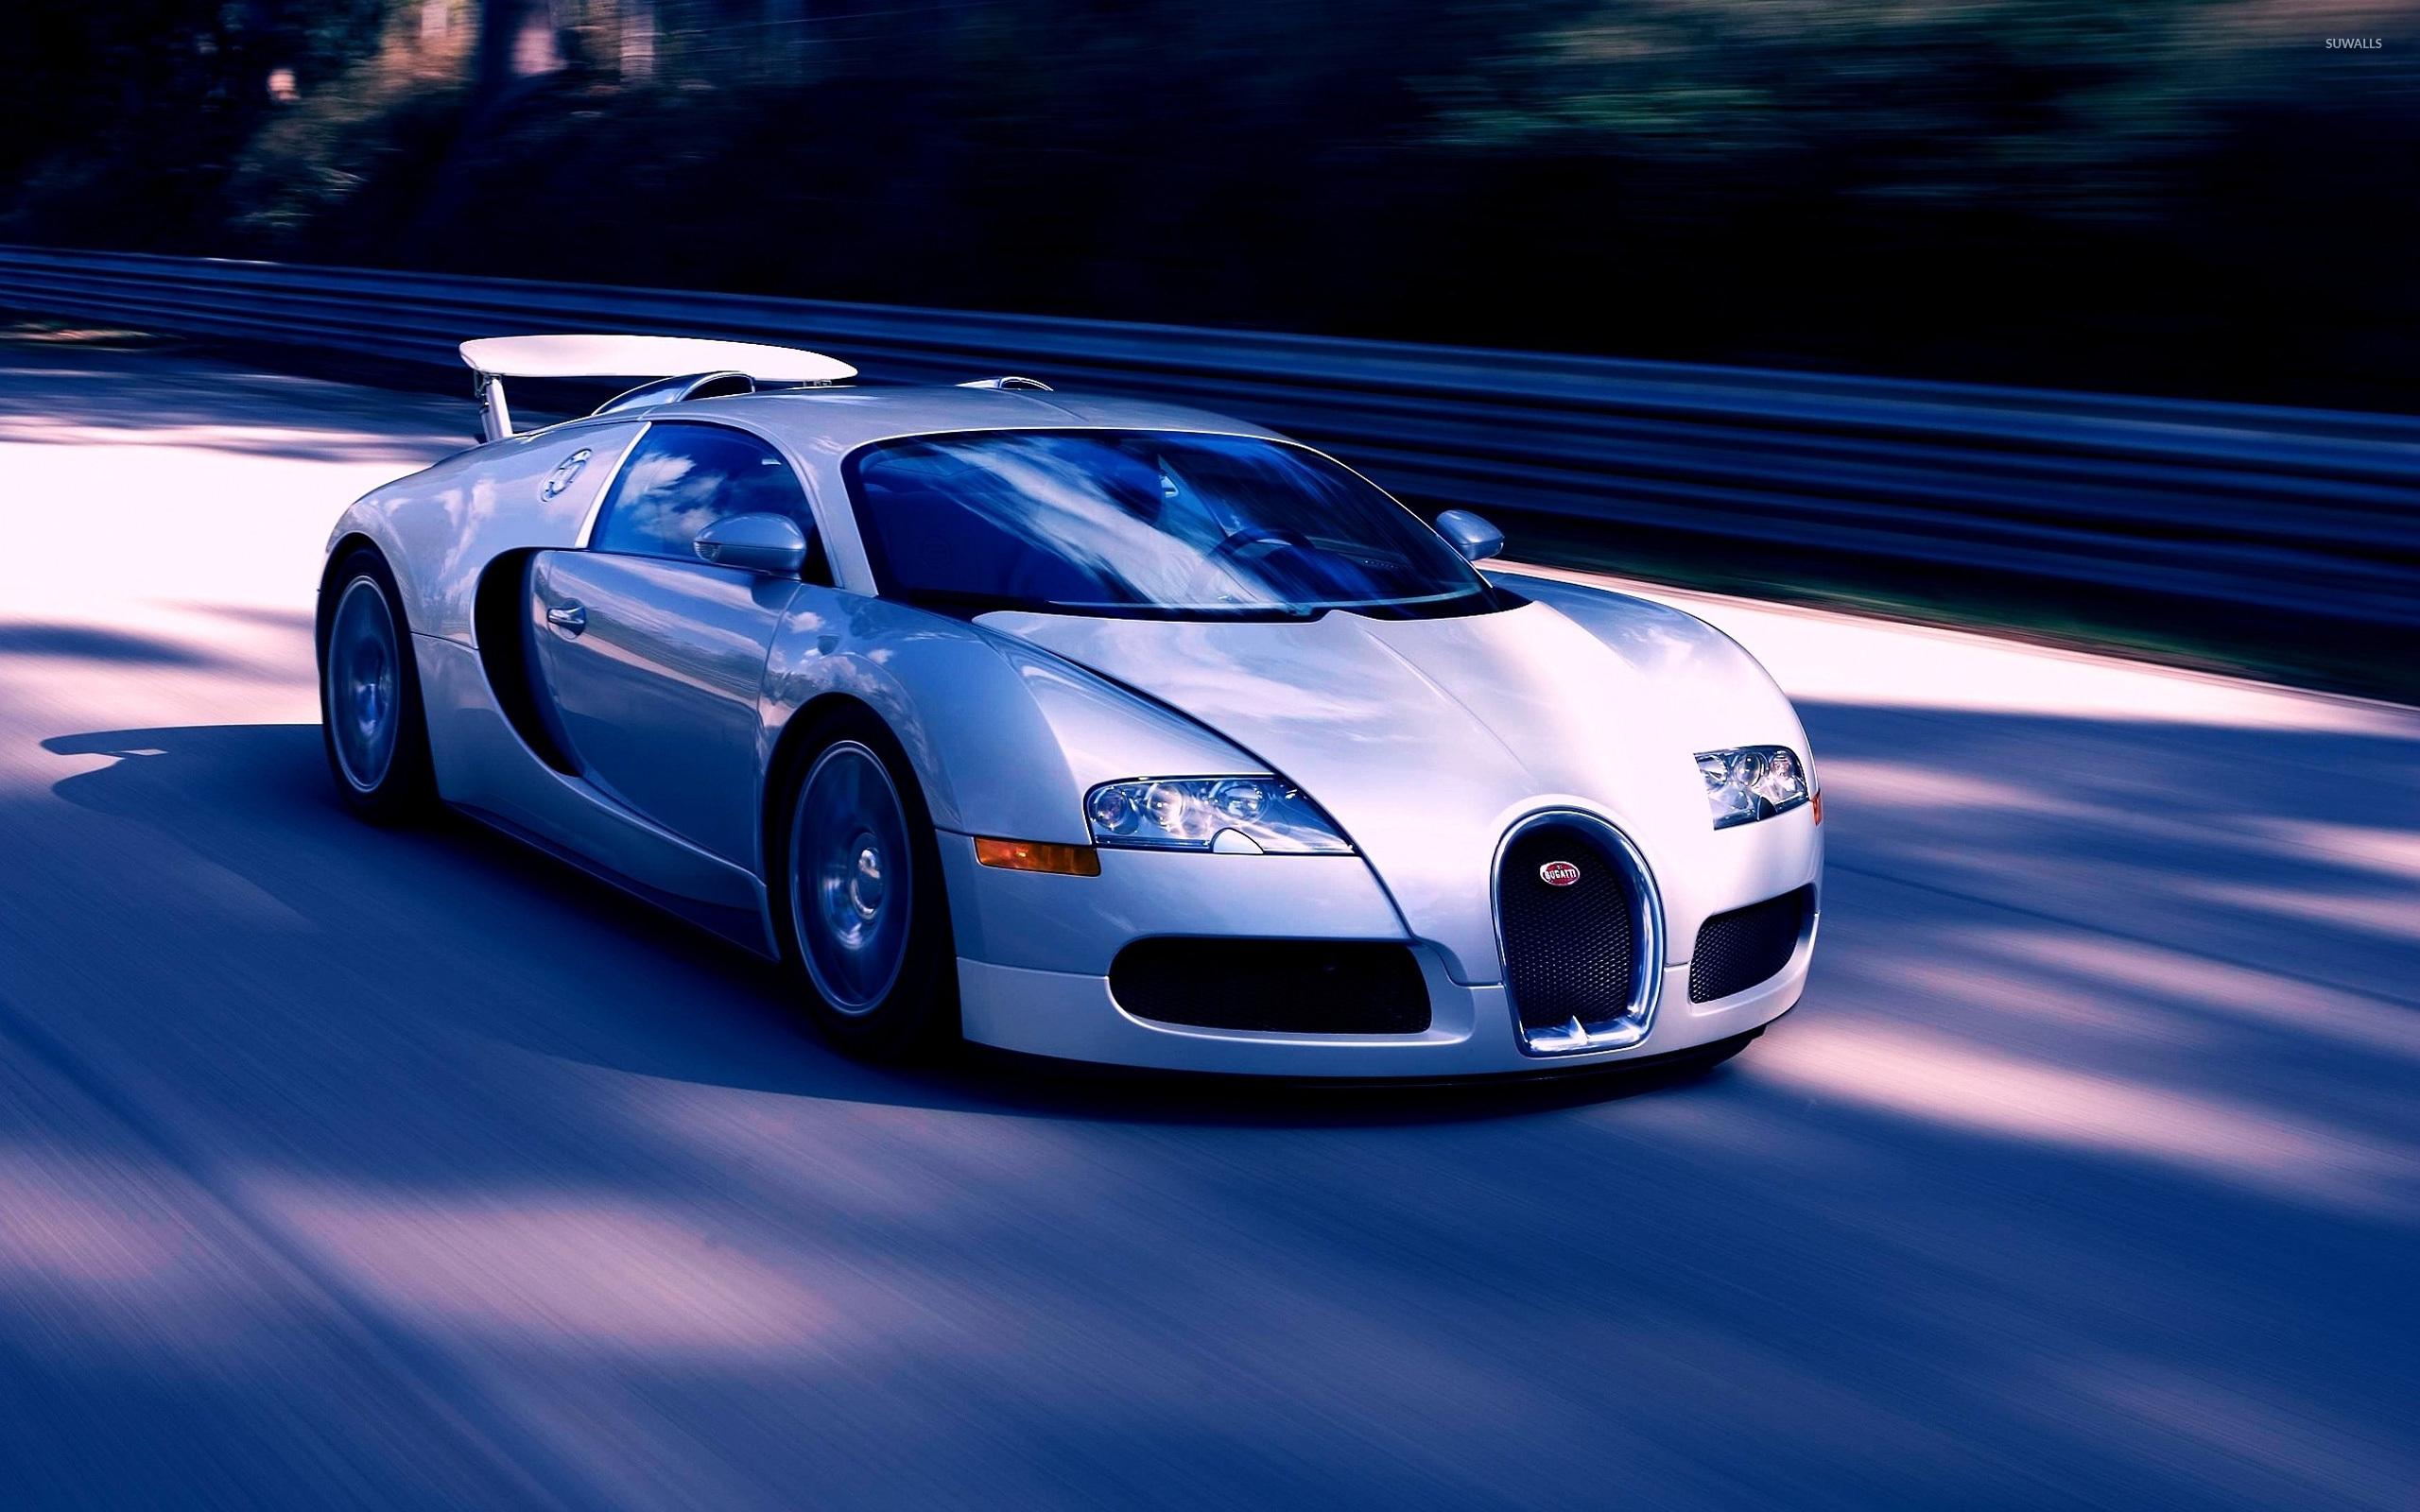 Bugatti Car Wallpapers Free Download HD New Latest Motors